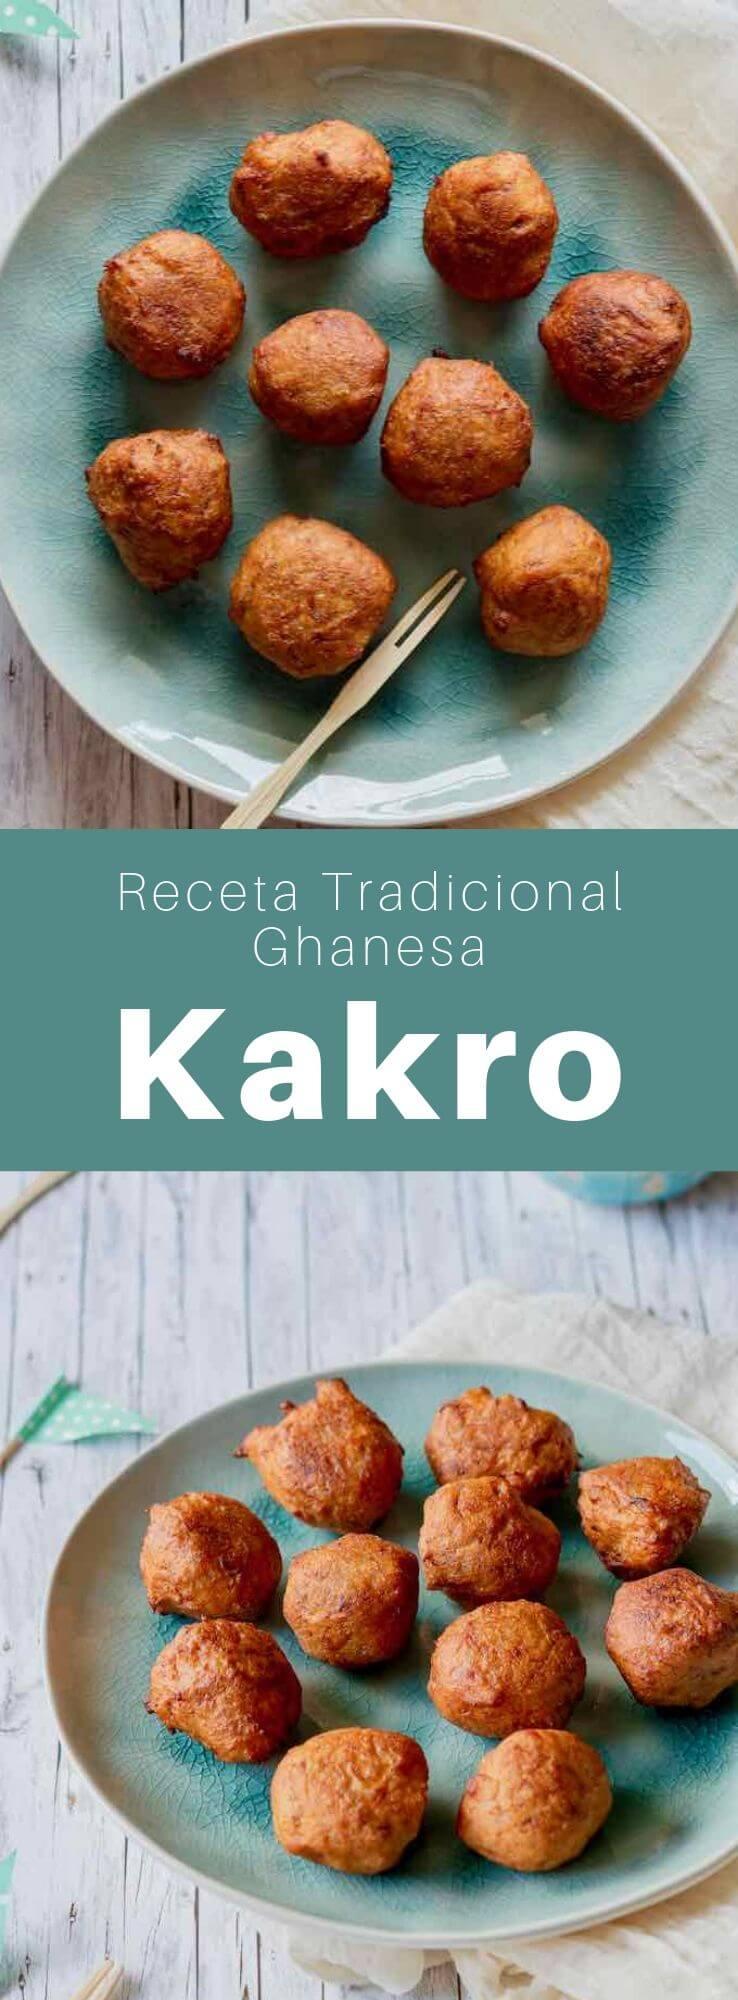 El kakro (o kaklo) es un delicioso tentempié frito, tradicional de Ghana, que consiste en unos buñuelos de plátano muy maduro.